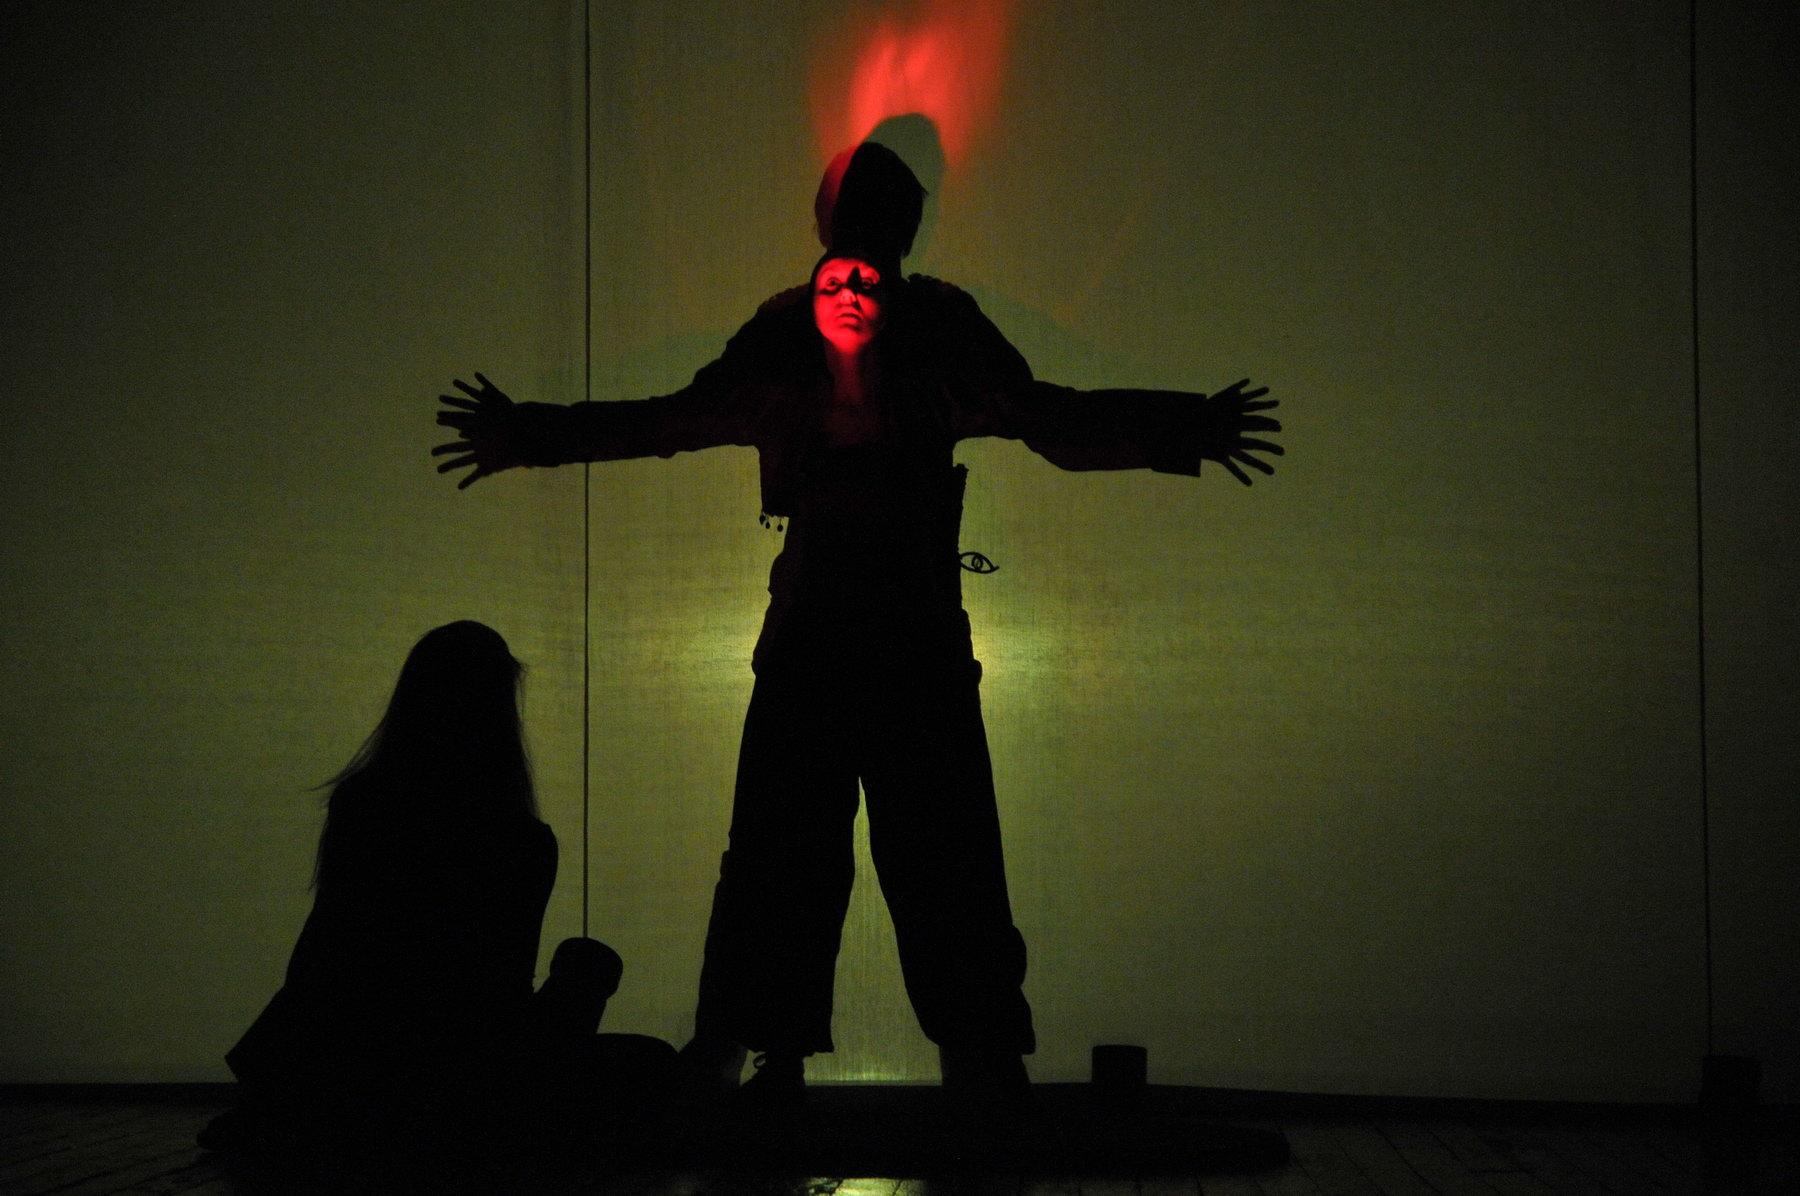 2010. // Nightmares